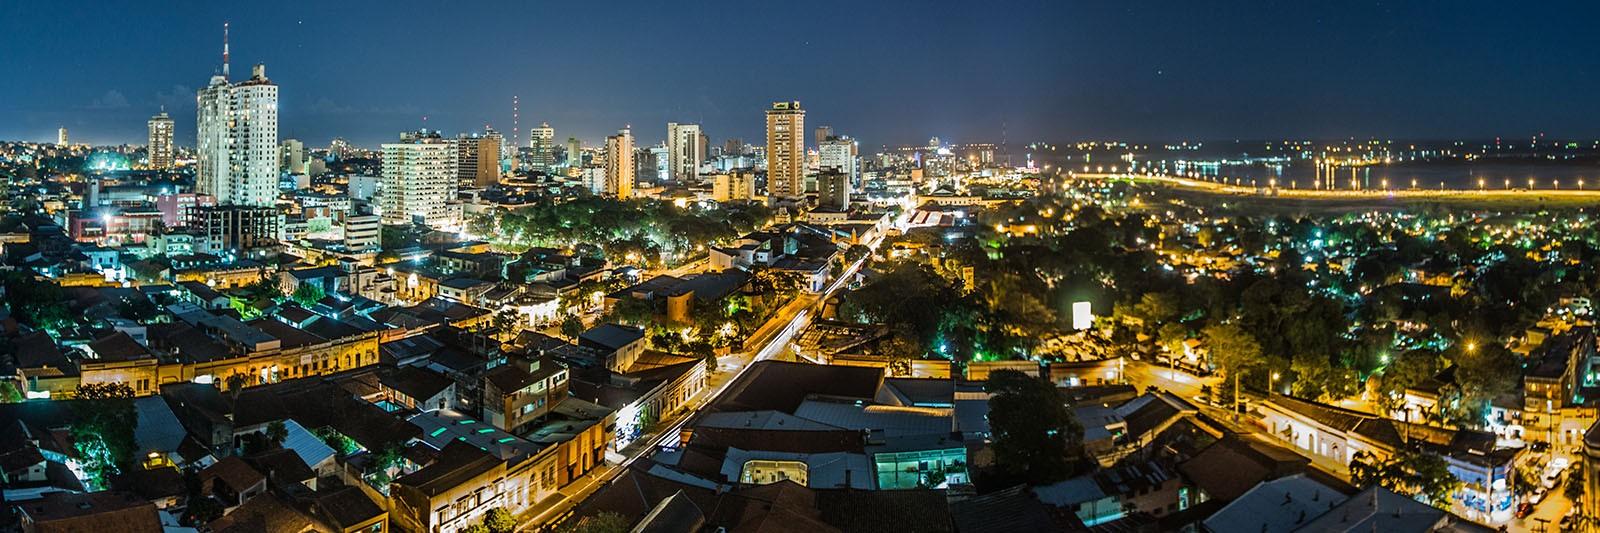 Парагвай: отдых,путешествие,туризм,отели,виза,фото,видео.